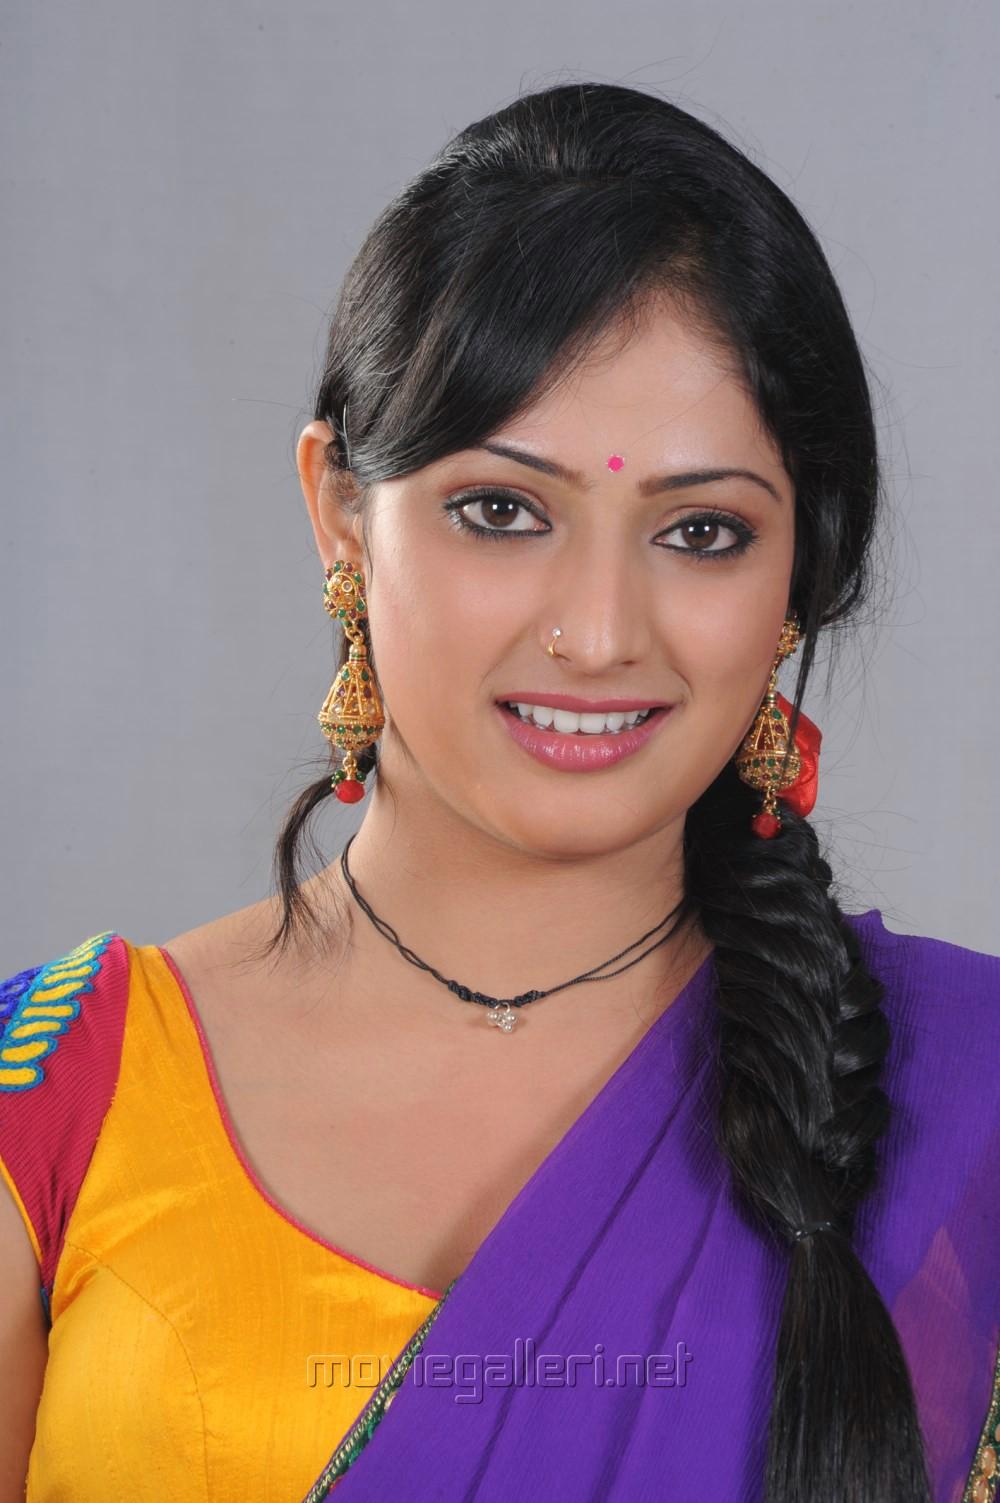 Ammayi+Hot From Ammayi Kathakal All The Kundi Pooru Mula Kerala ...